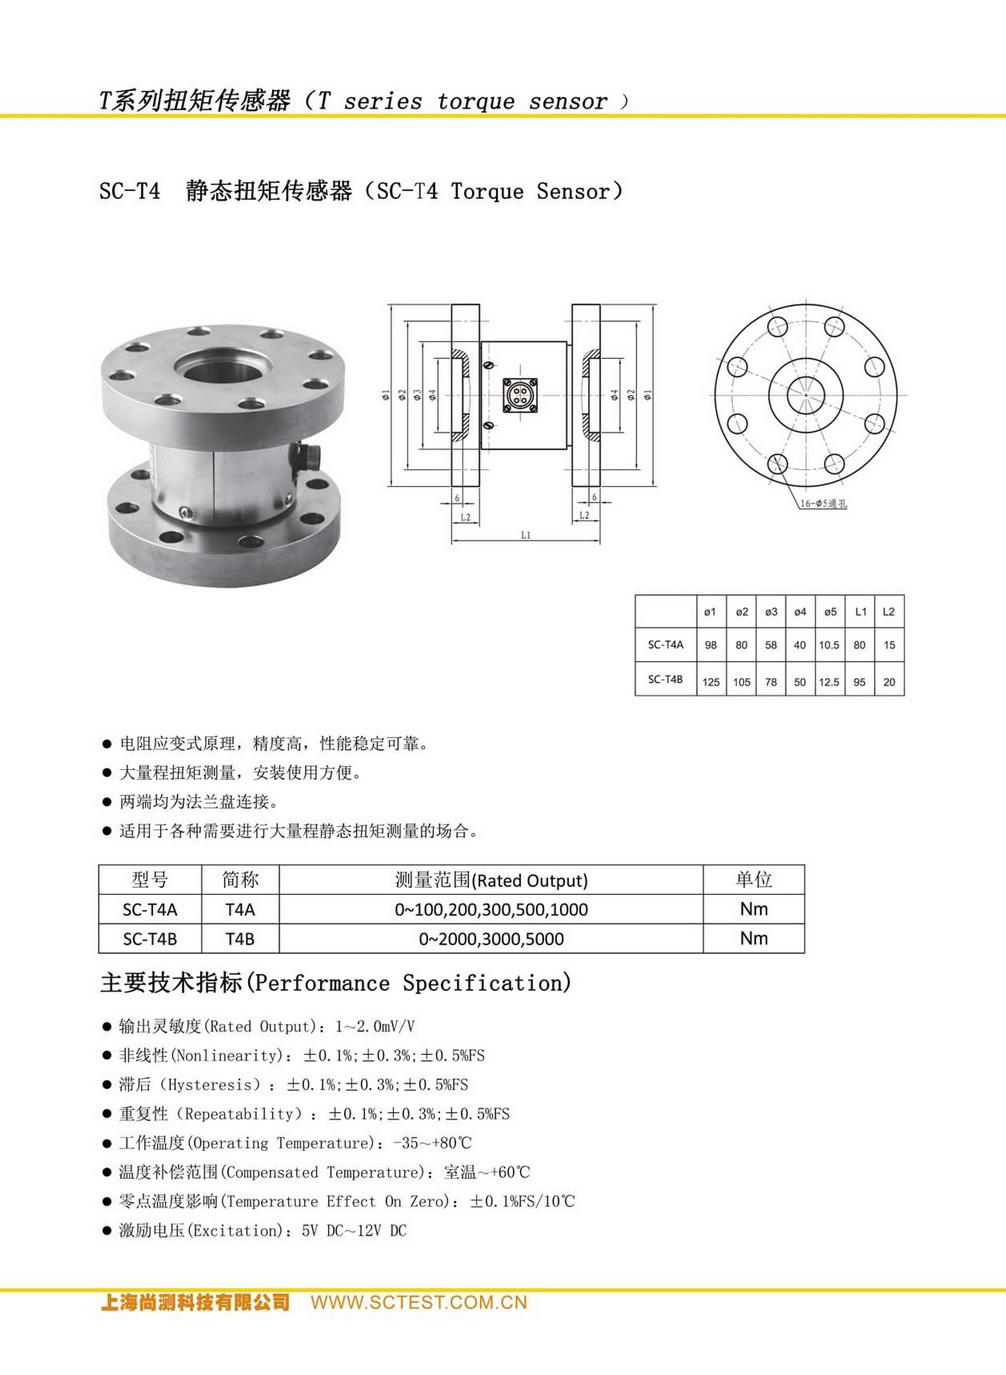 尚测科技产品选型手册 V1.3_页面_19_调整大小.jpg